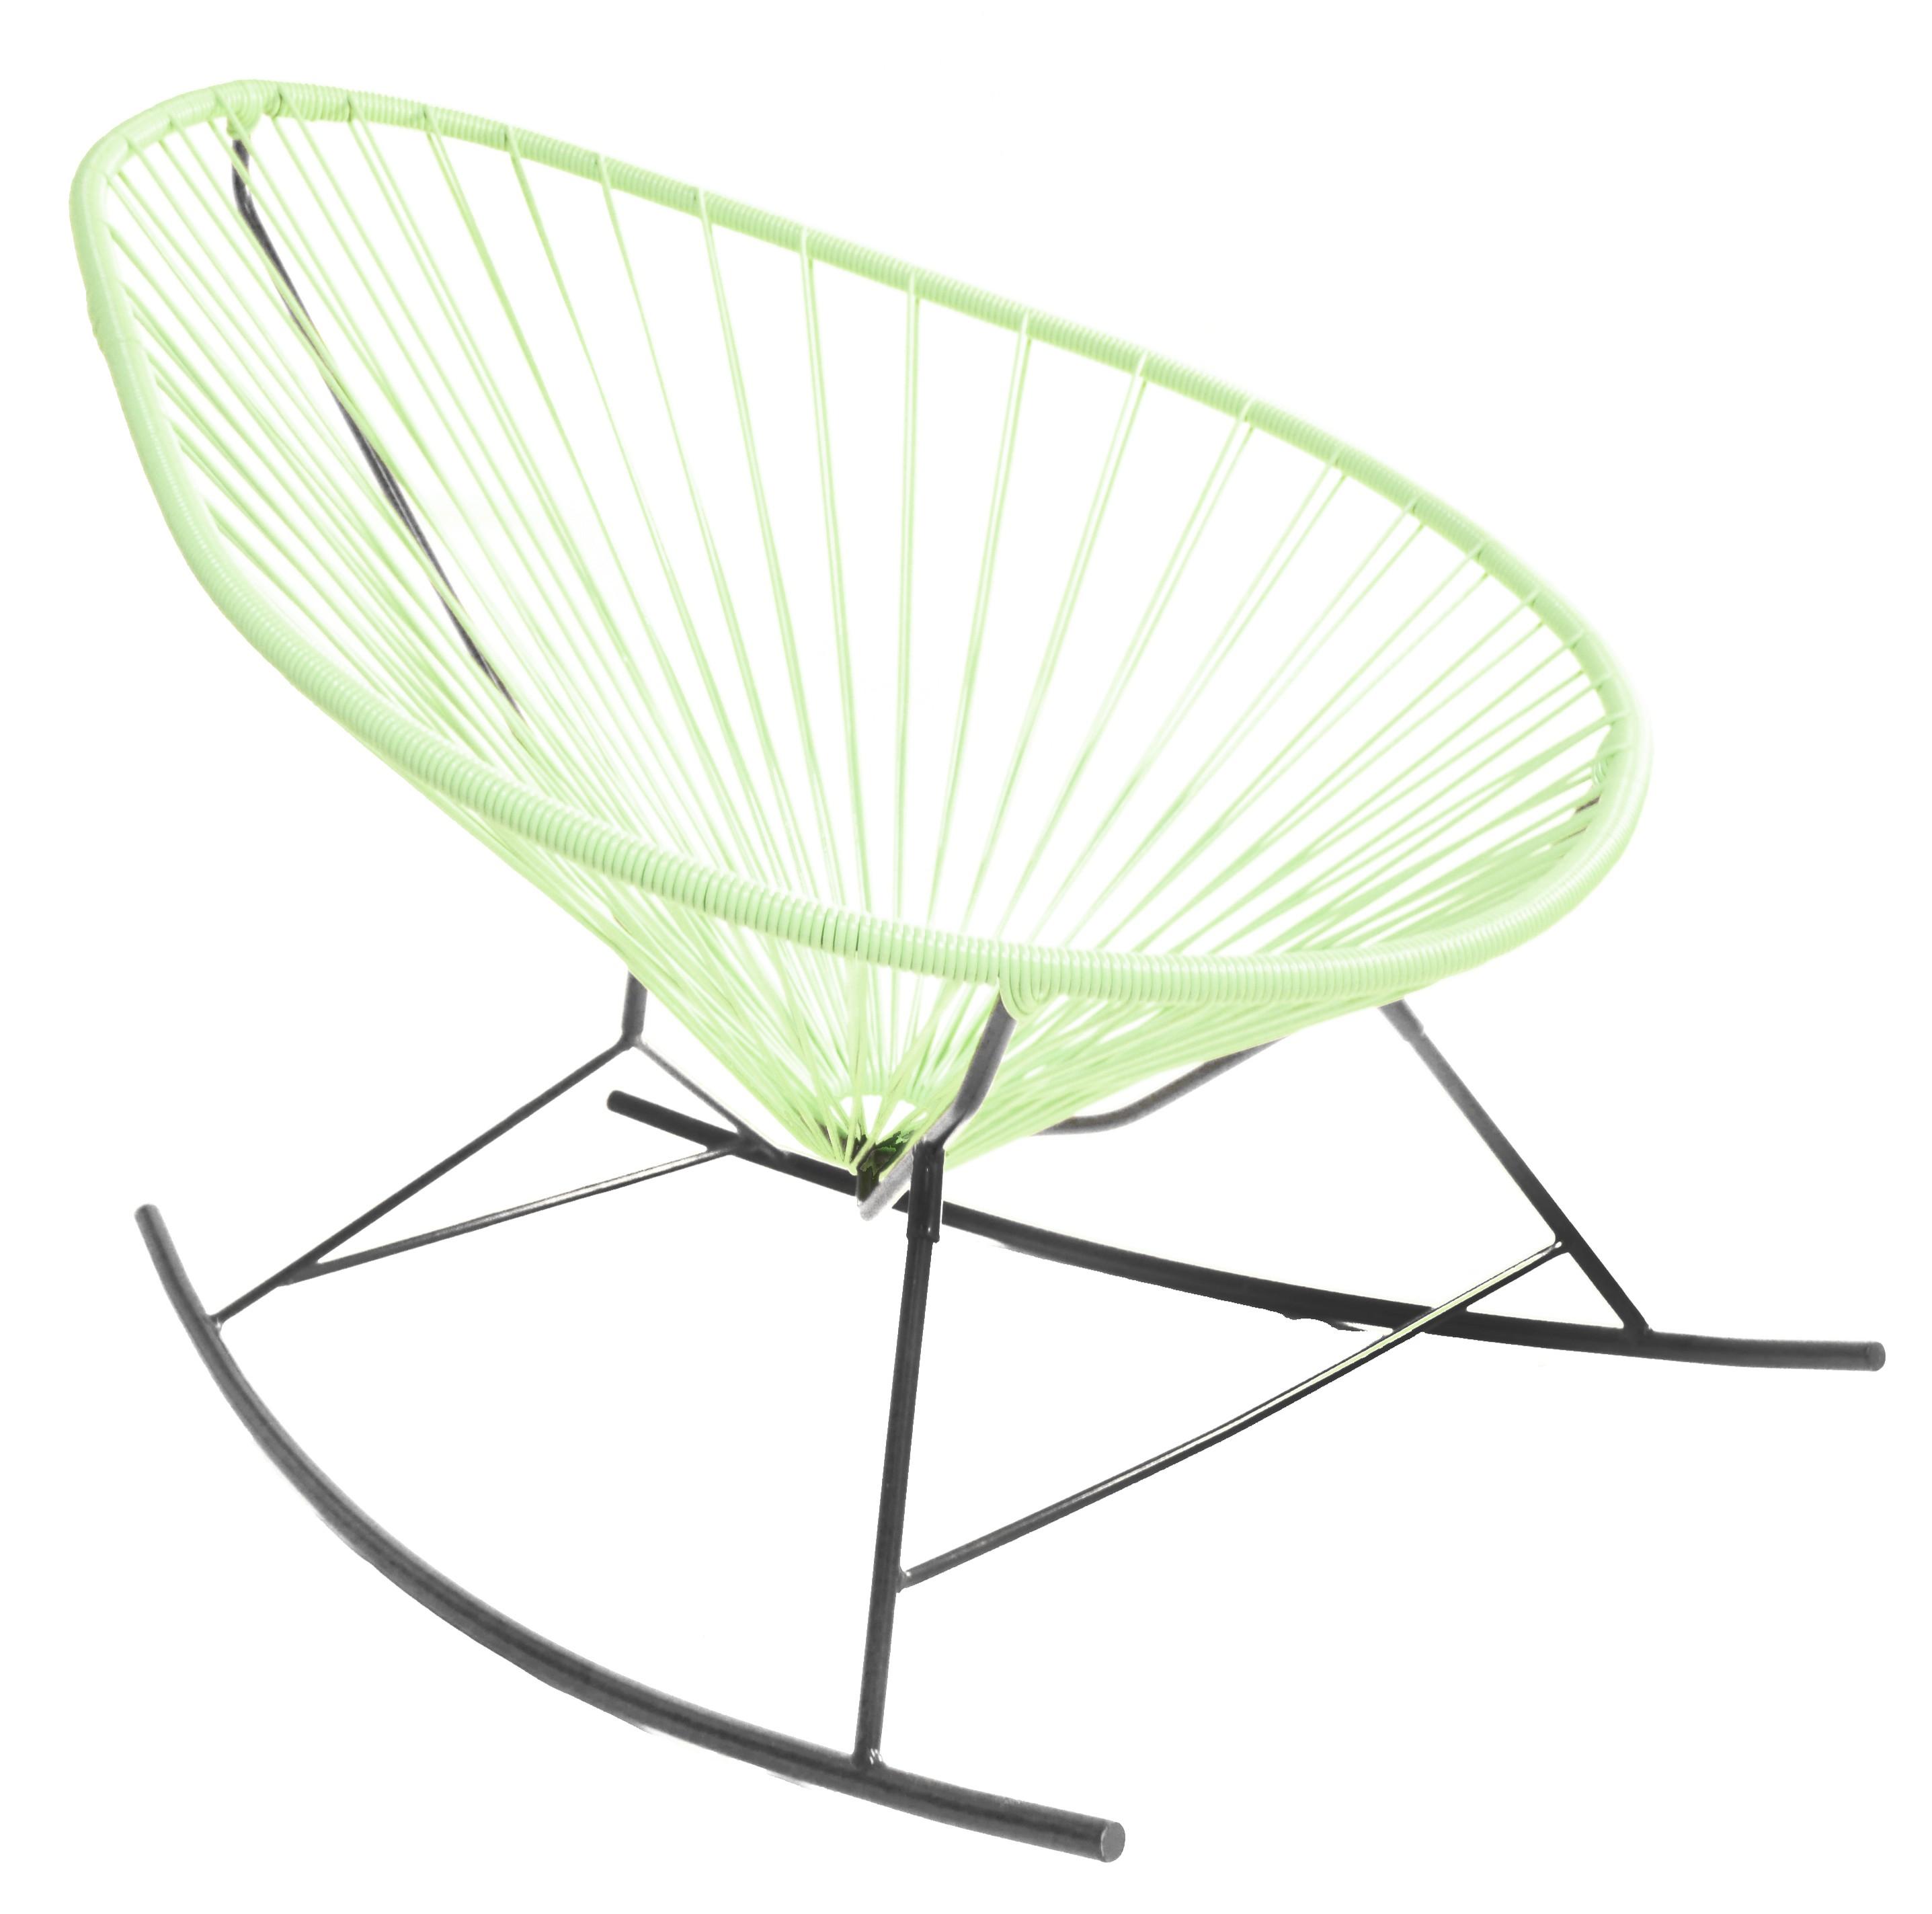 fauteuil bascule acapulco de boqa avec structure noire vert d 39 eau. Black Bedroom Furniture Sets. Home Design Ideas